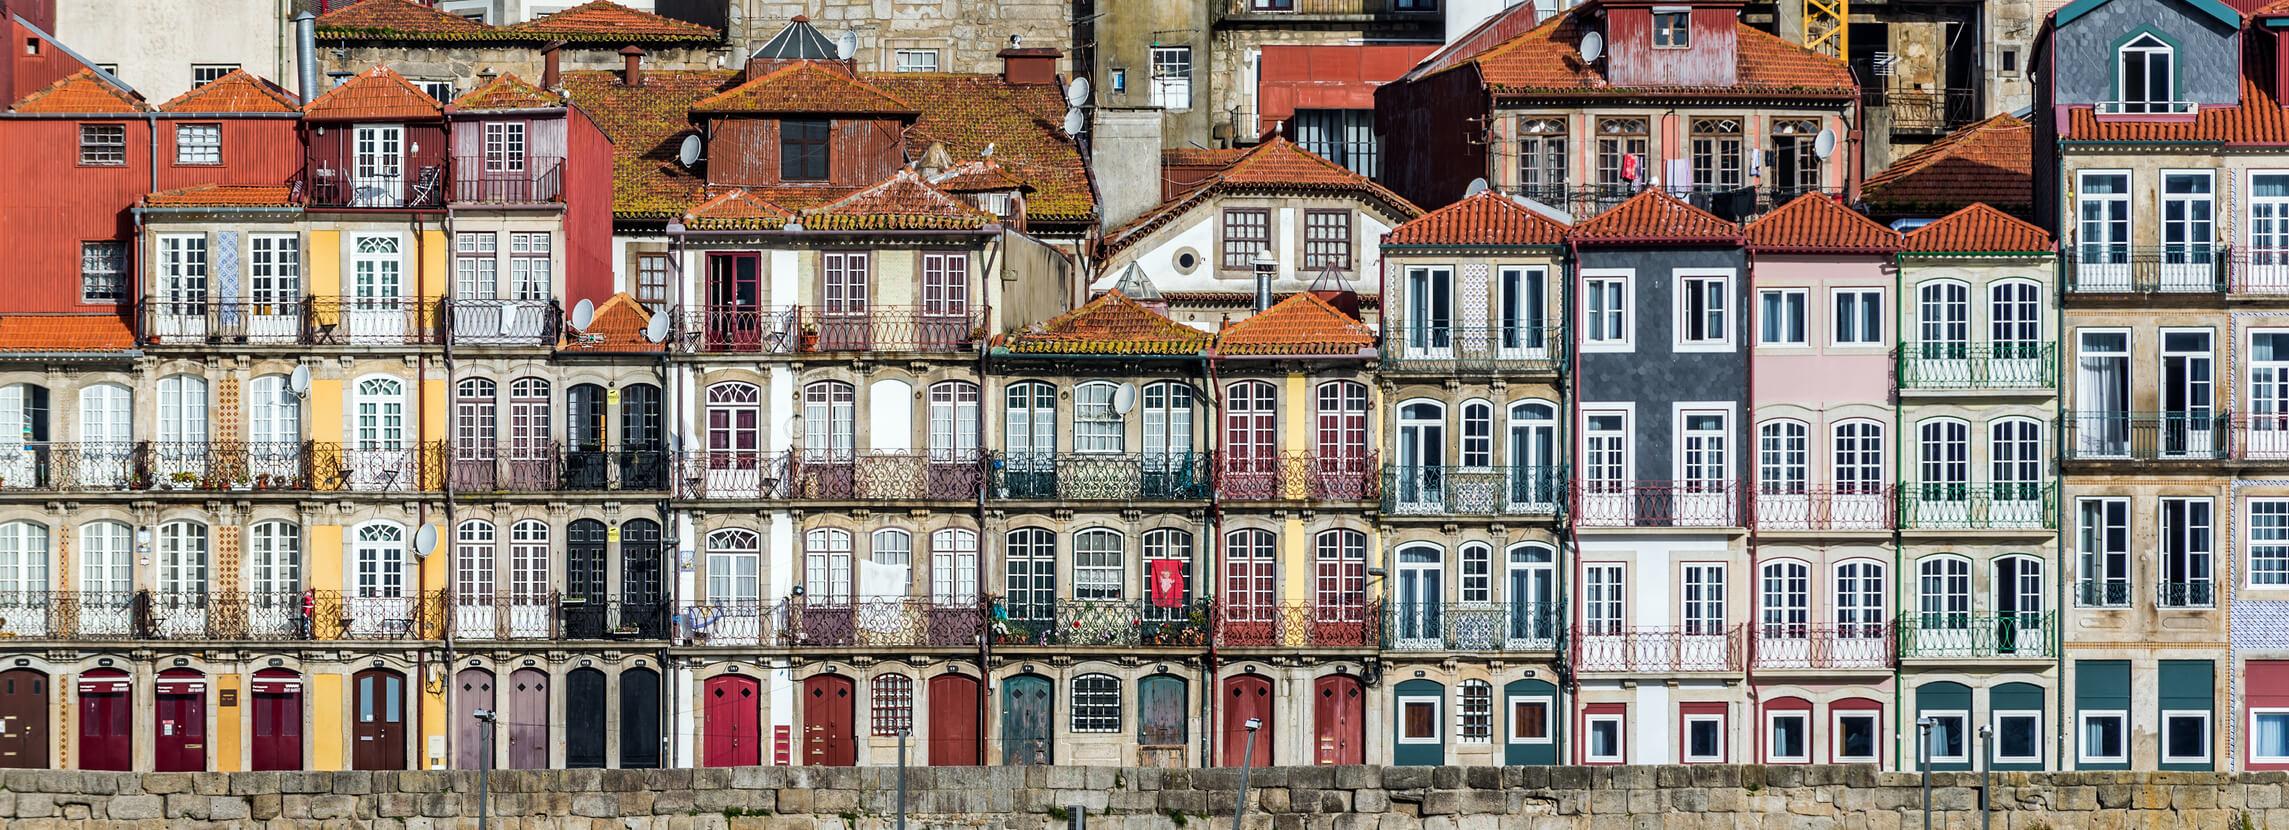 Visitas Guiadas Porto - Casas Típicas do Porto